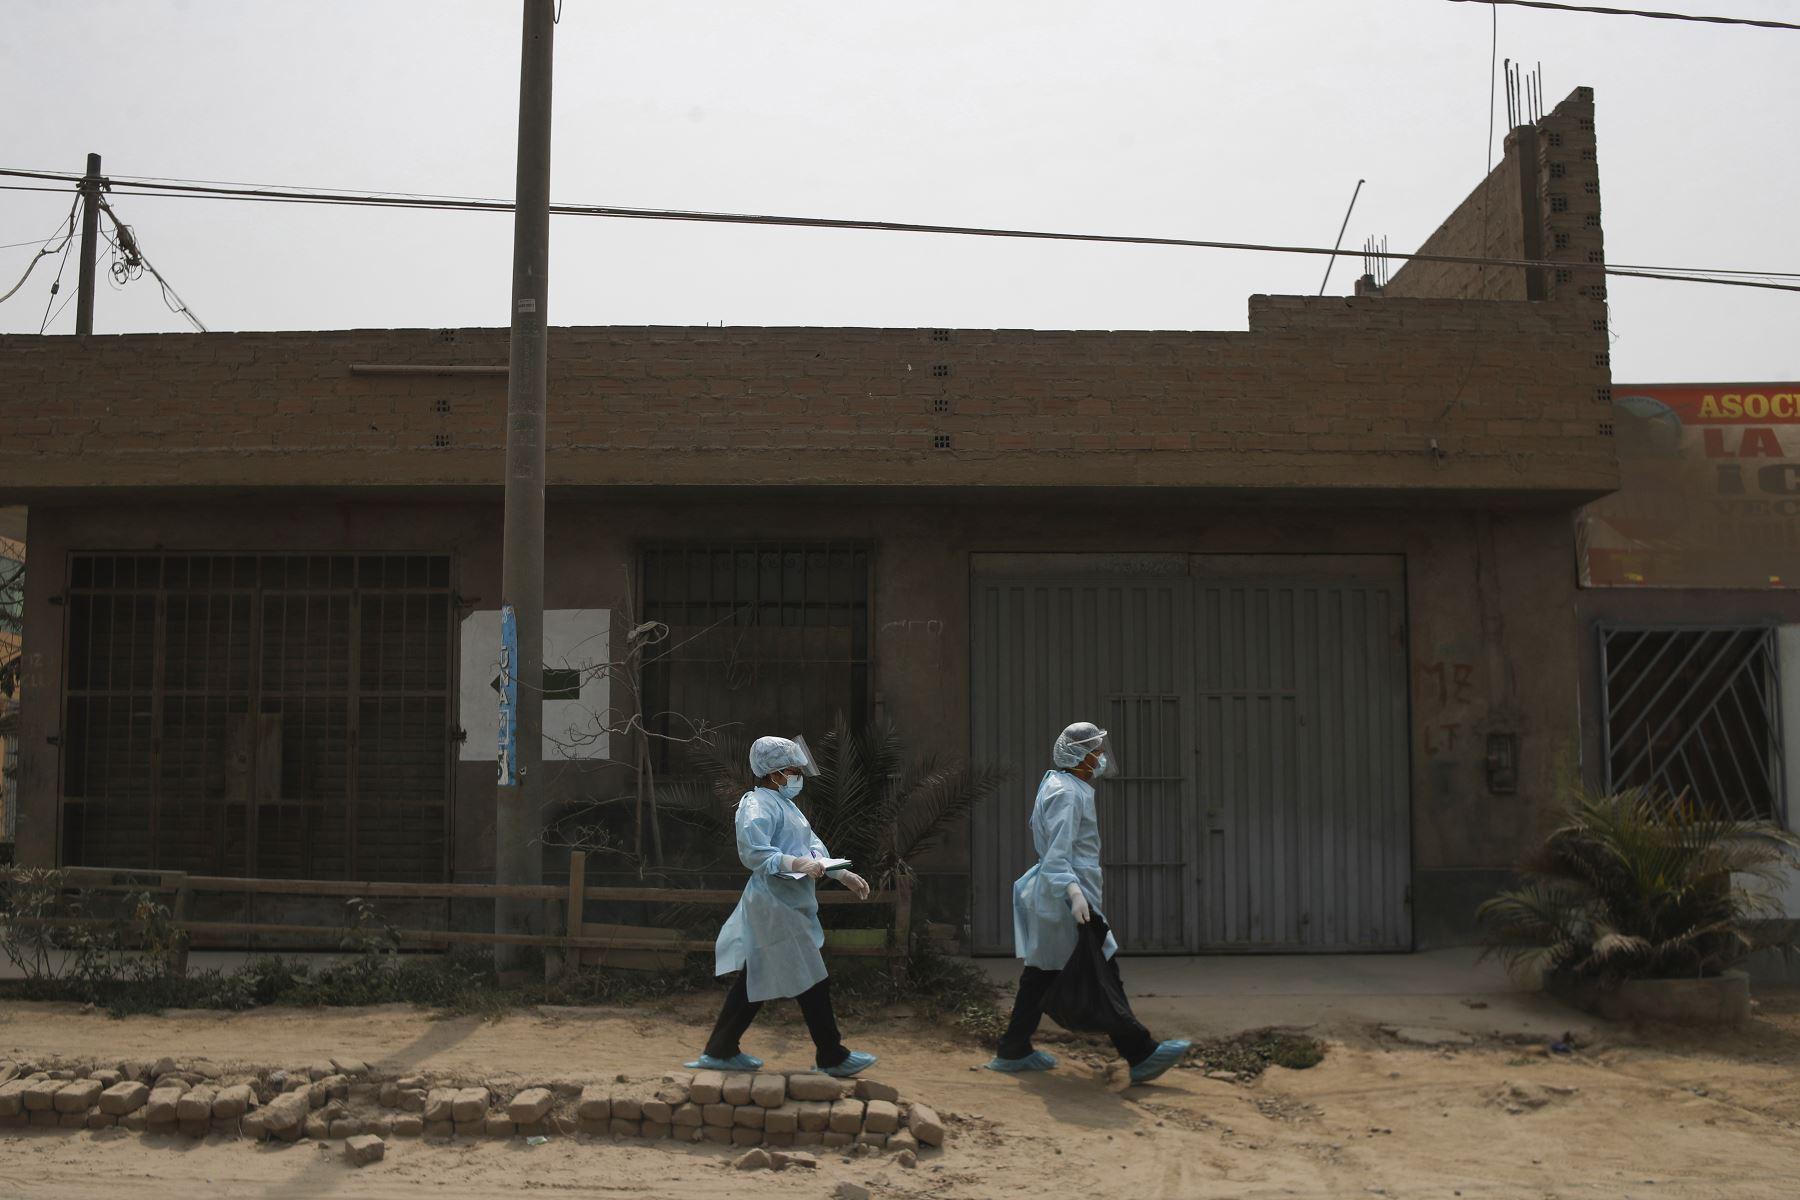 Brigadas de salud de la DIRIS Lima Este continúan su recorrido, casa por casa, pese a ser rechazados en varias ocasiones. Foto: ANDINA/Renato Pajuelo